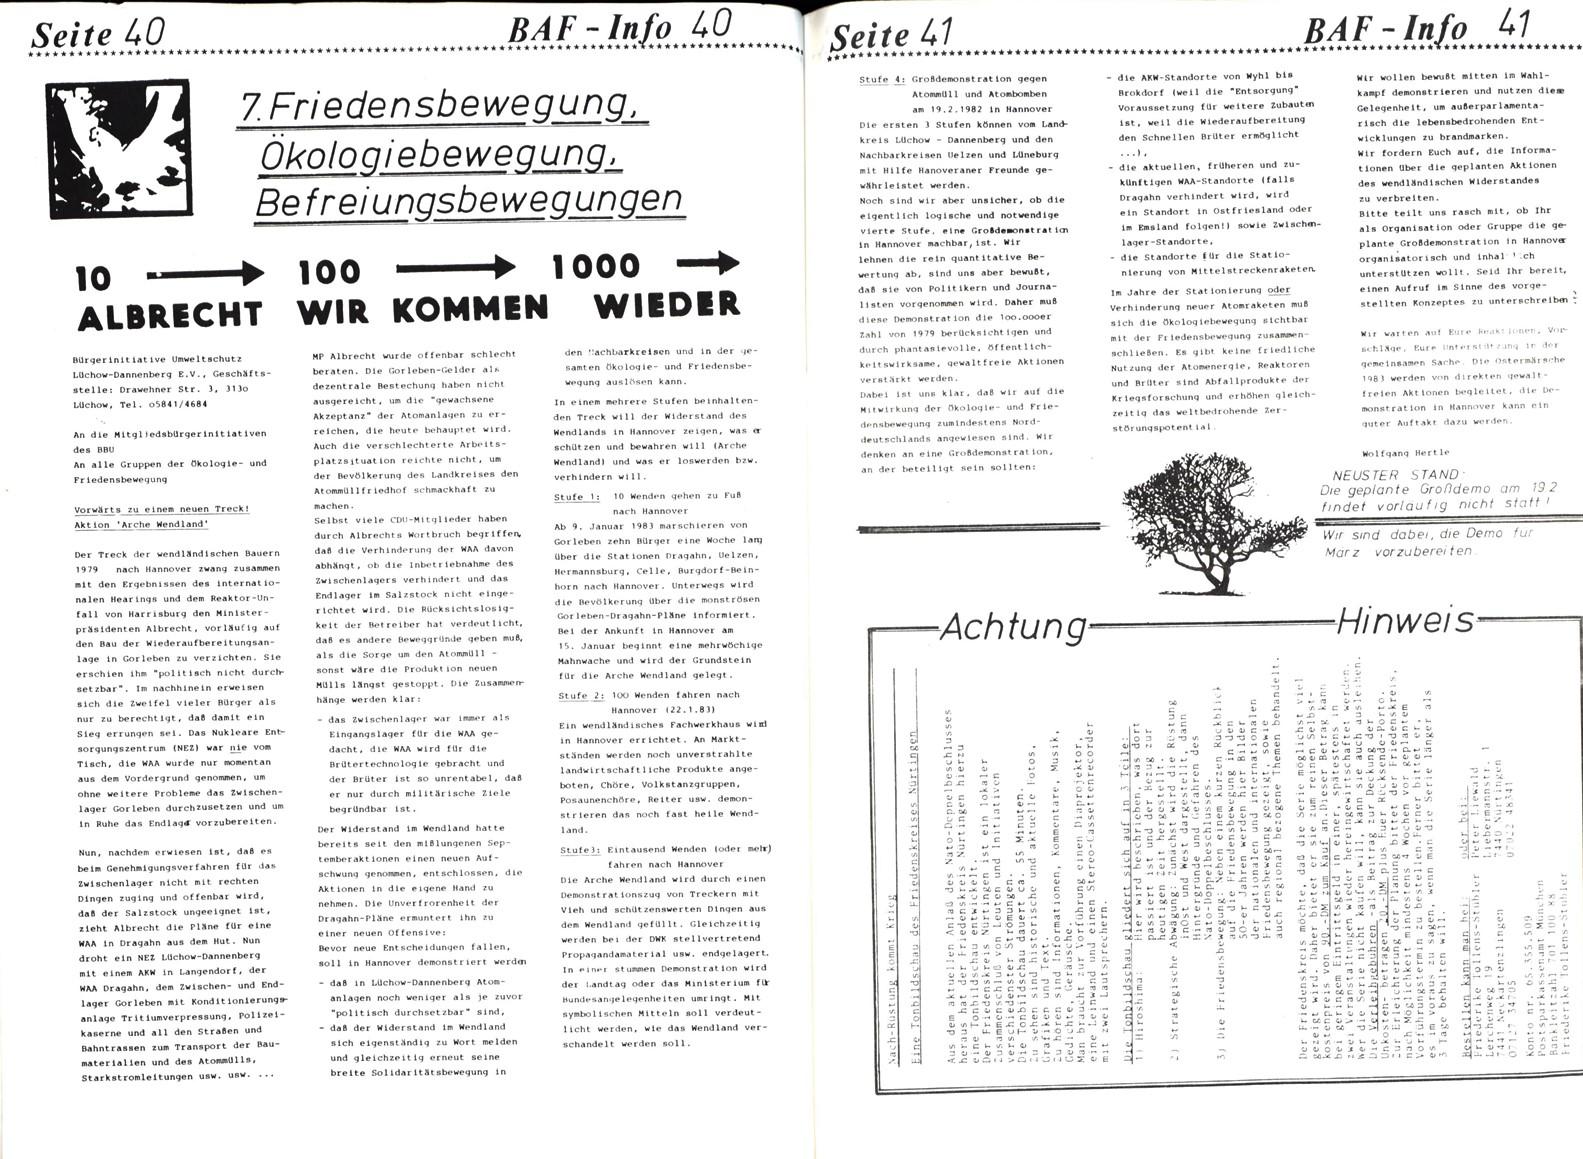 BAF_Info_02_19830100_21